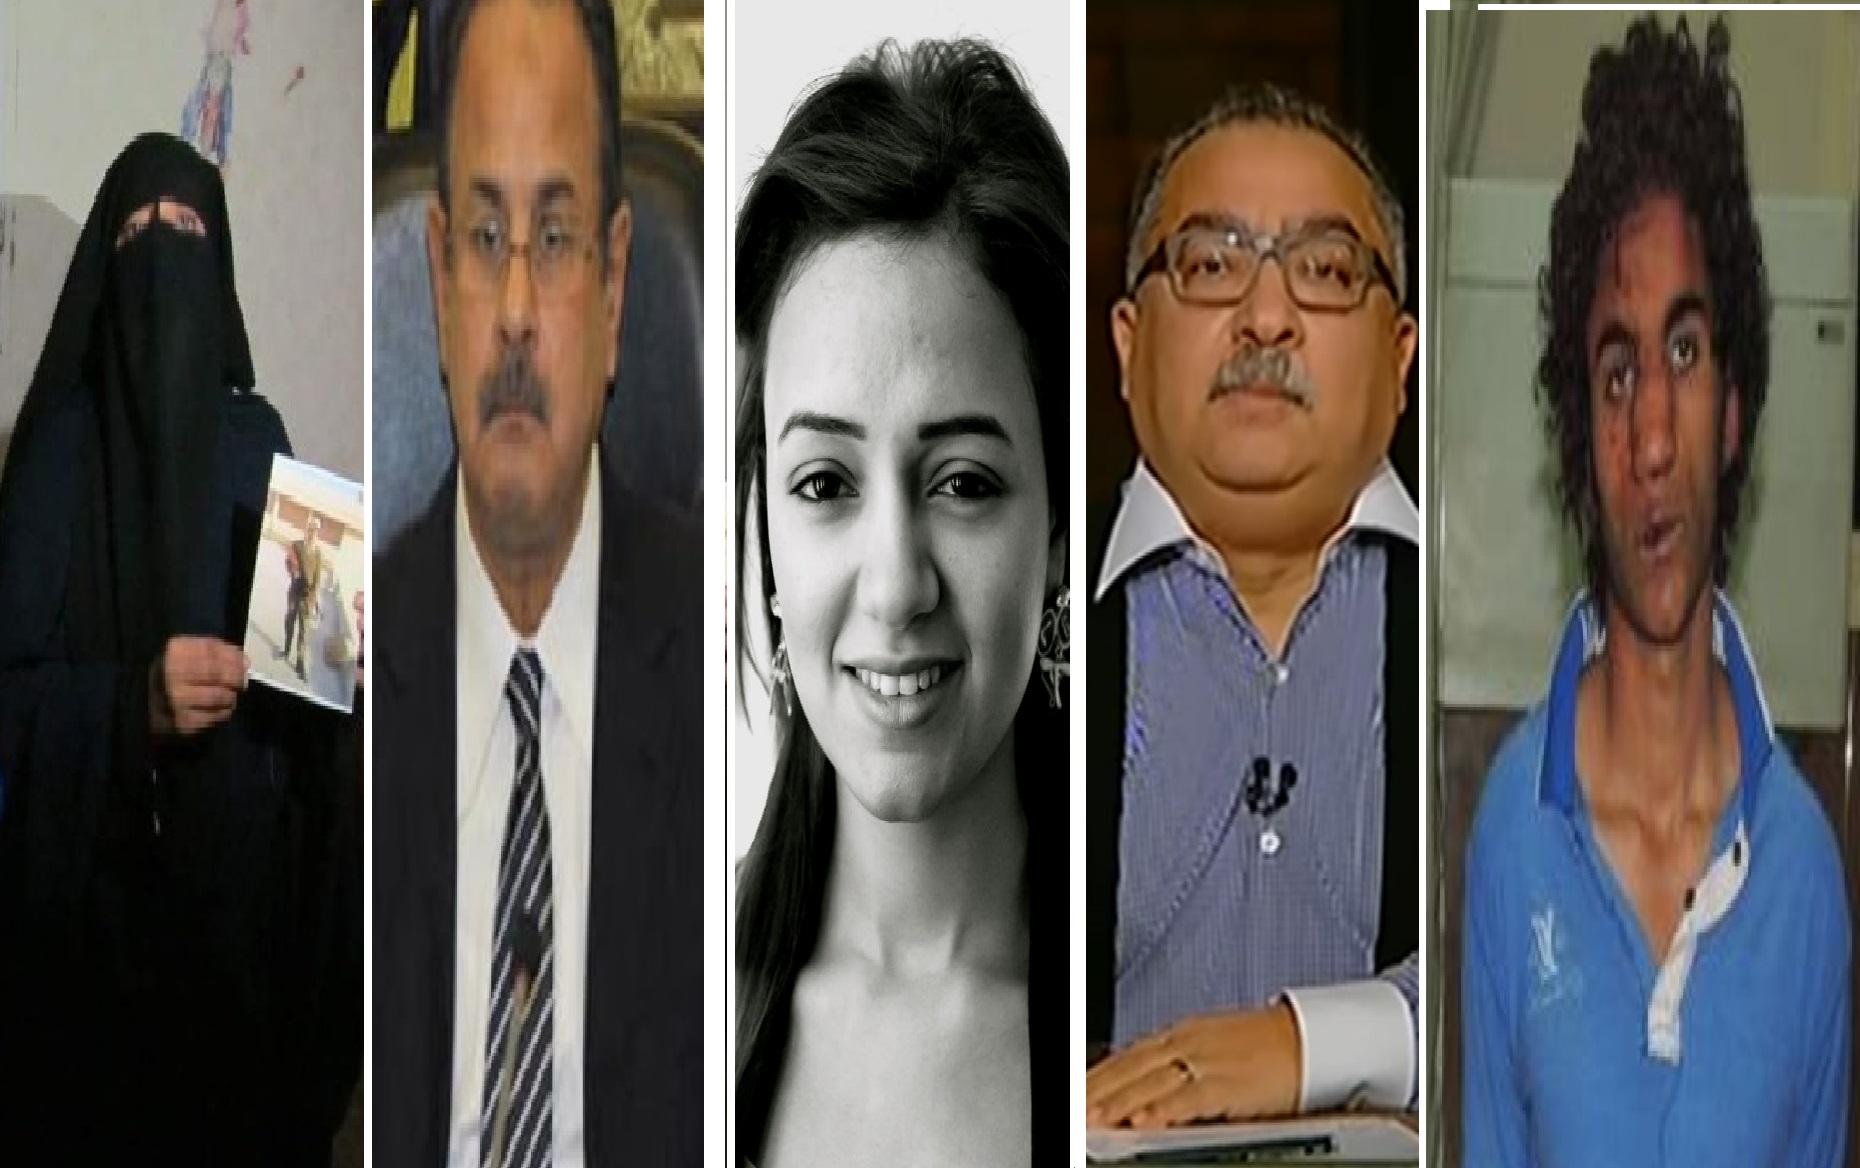 من اليمين: الانتحاري محمود شفيق، الإعلامي إبراهيم عيسى، المحامية ياسمين حسام الدين، وزير الداخلية، والدة الانتحاري